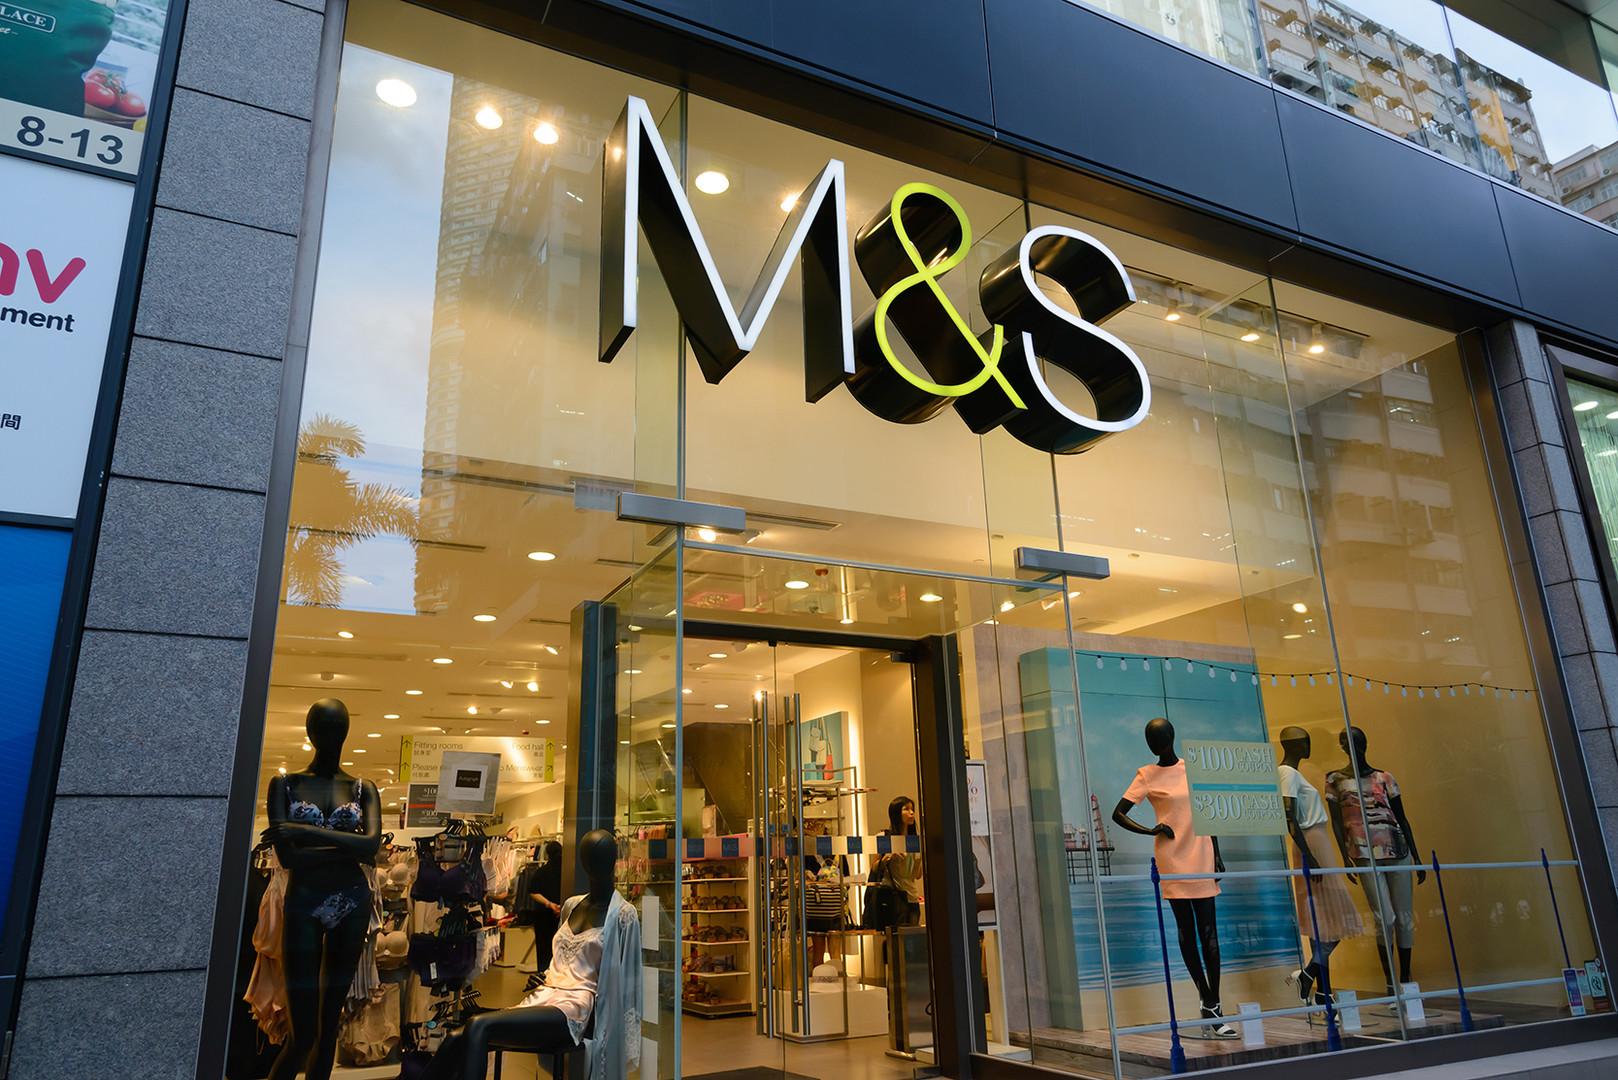 Built up M&S Letters